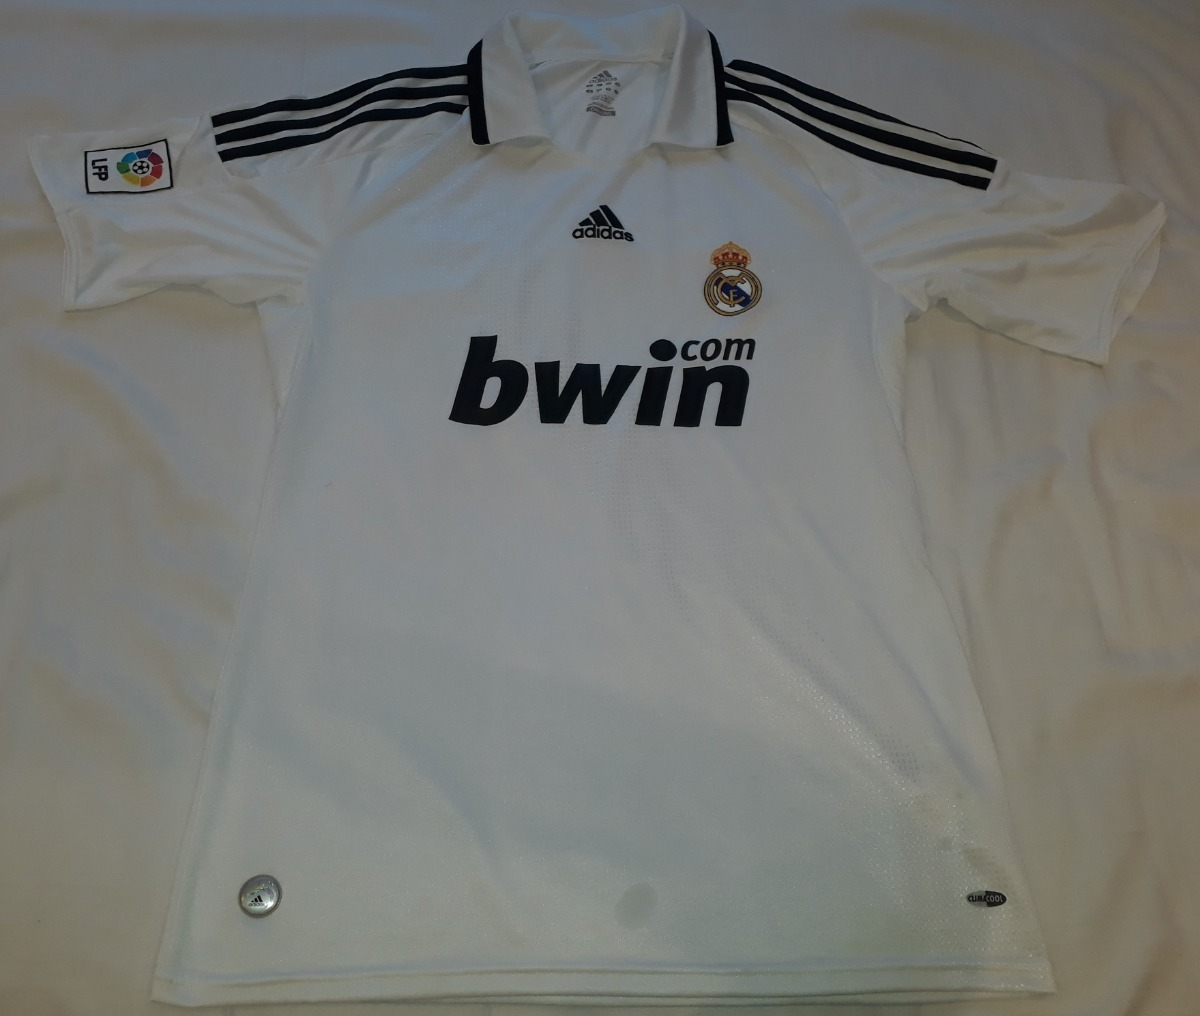 camiseta real madrid 2008   2009 100% original adidas - 08. Carregando zoom. dbc823613b77a